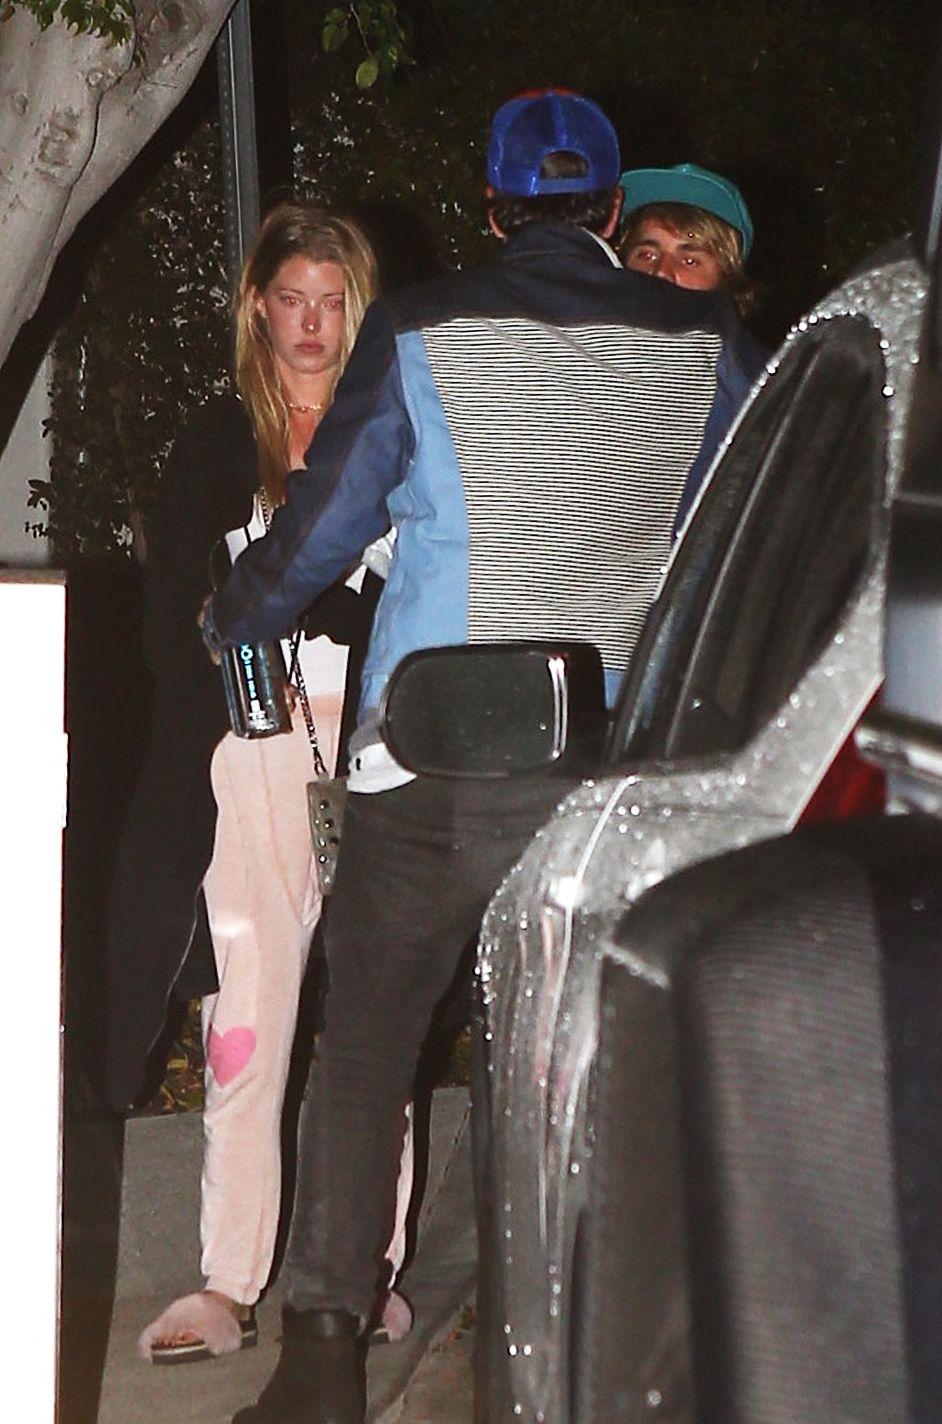 Justin Bieber dan Baskin Champion mulai dikabarkan berpacaran sejak mereka kepergok nonton konser Craig David beberapa bulan yang lalu (dok. Elle)